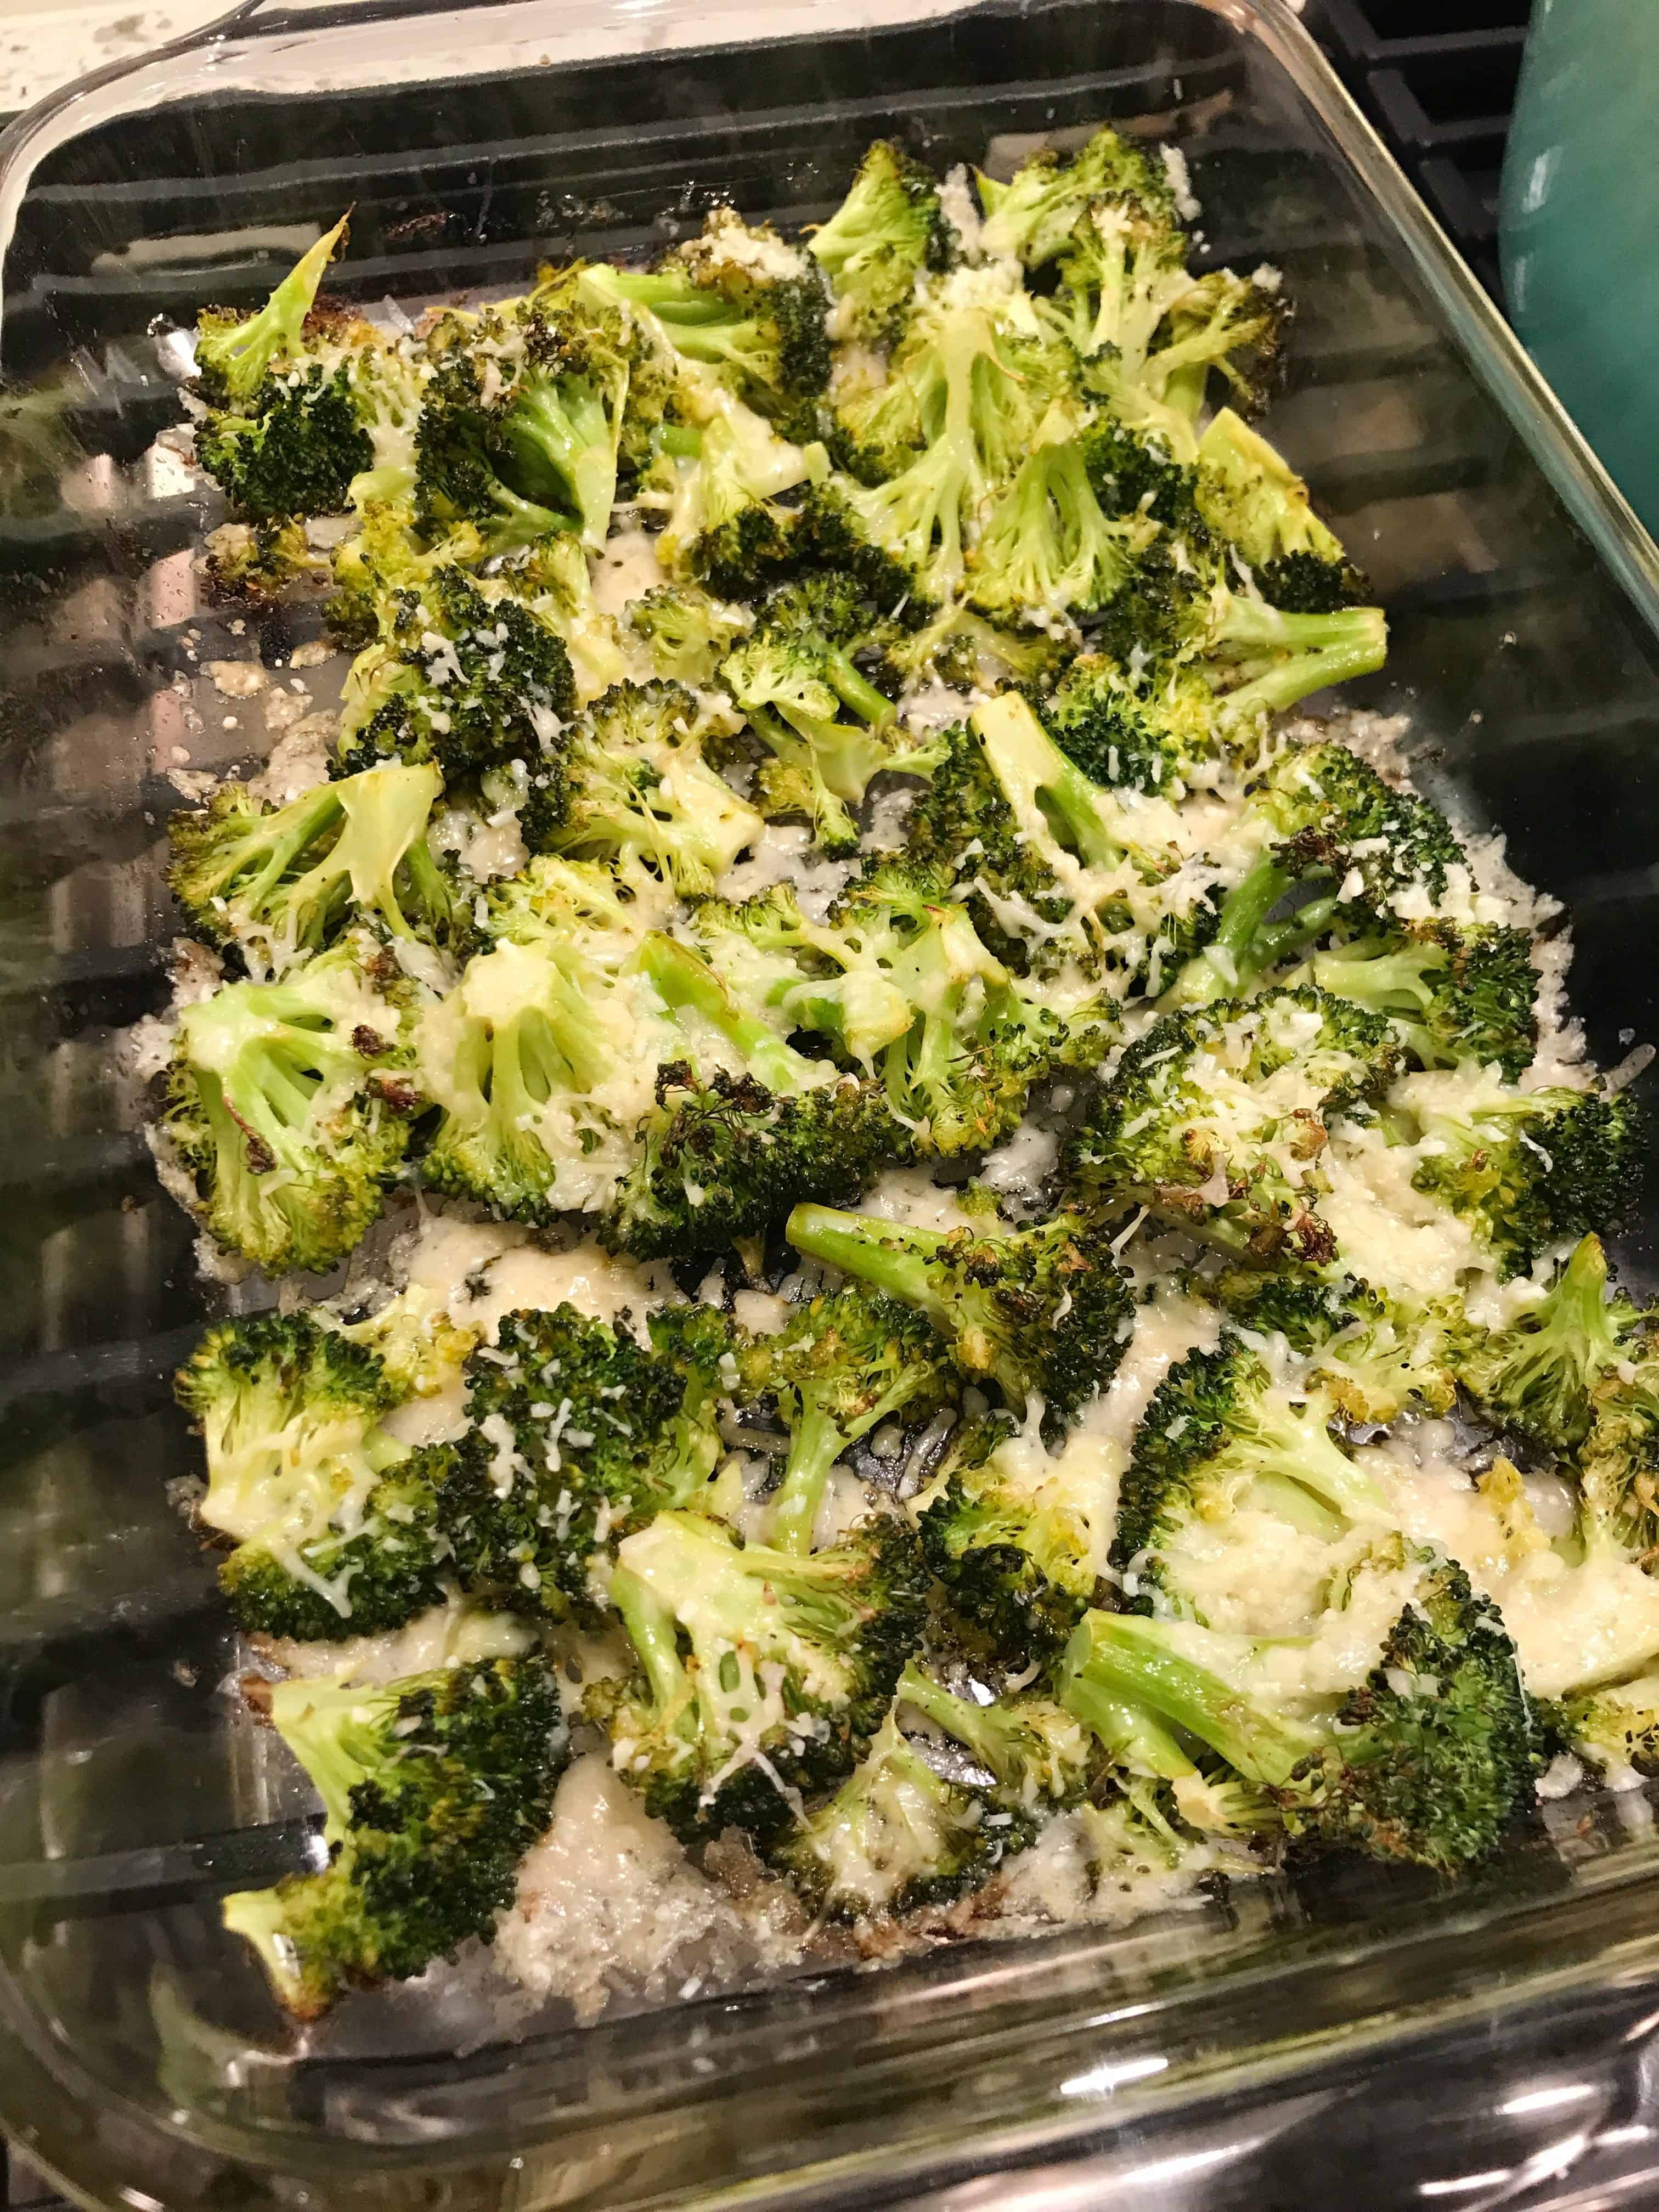 Lemon Parmesan Broccoli